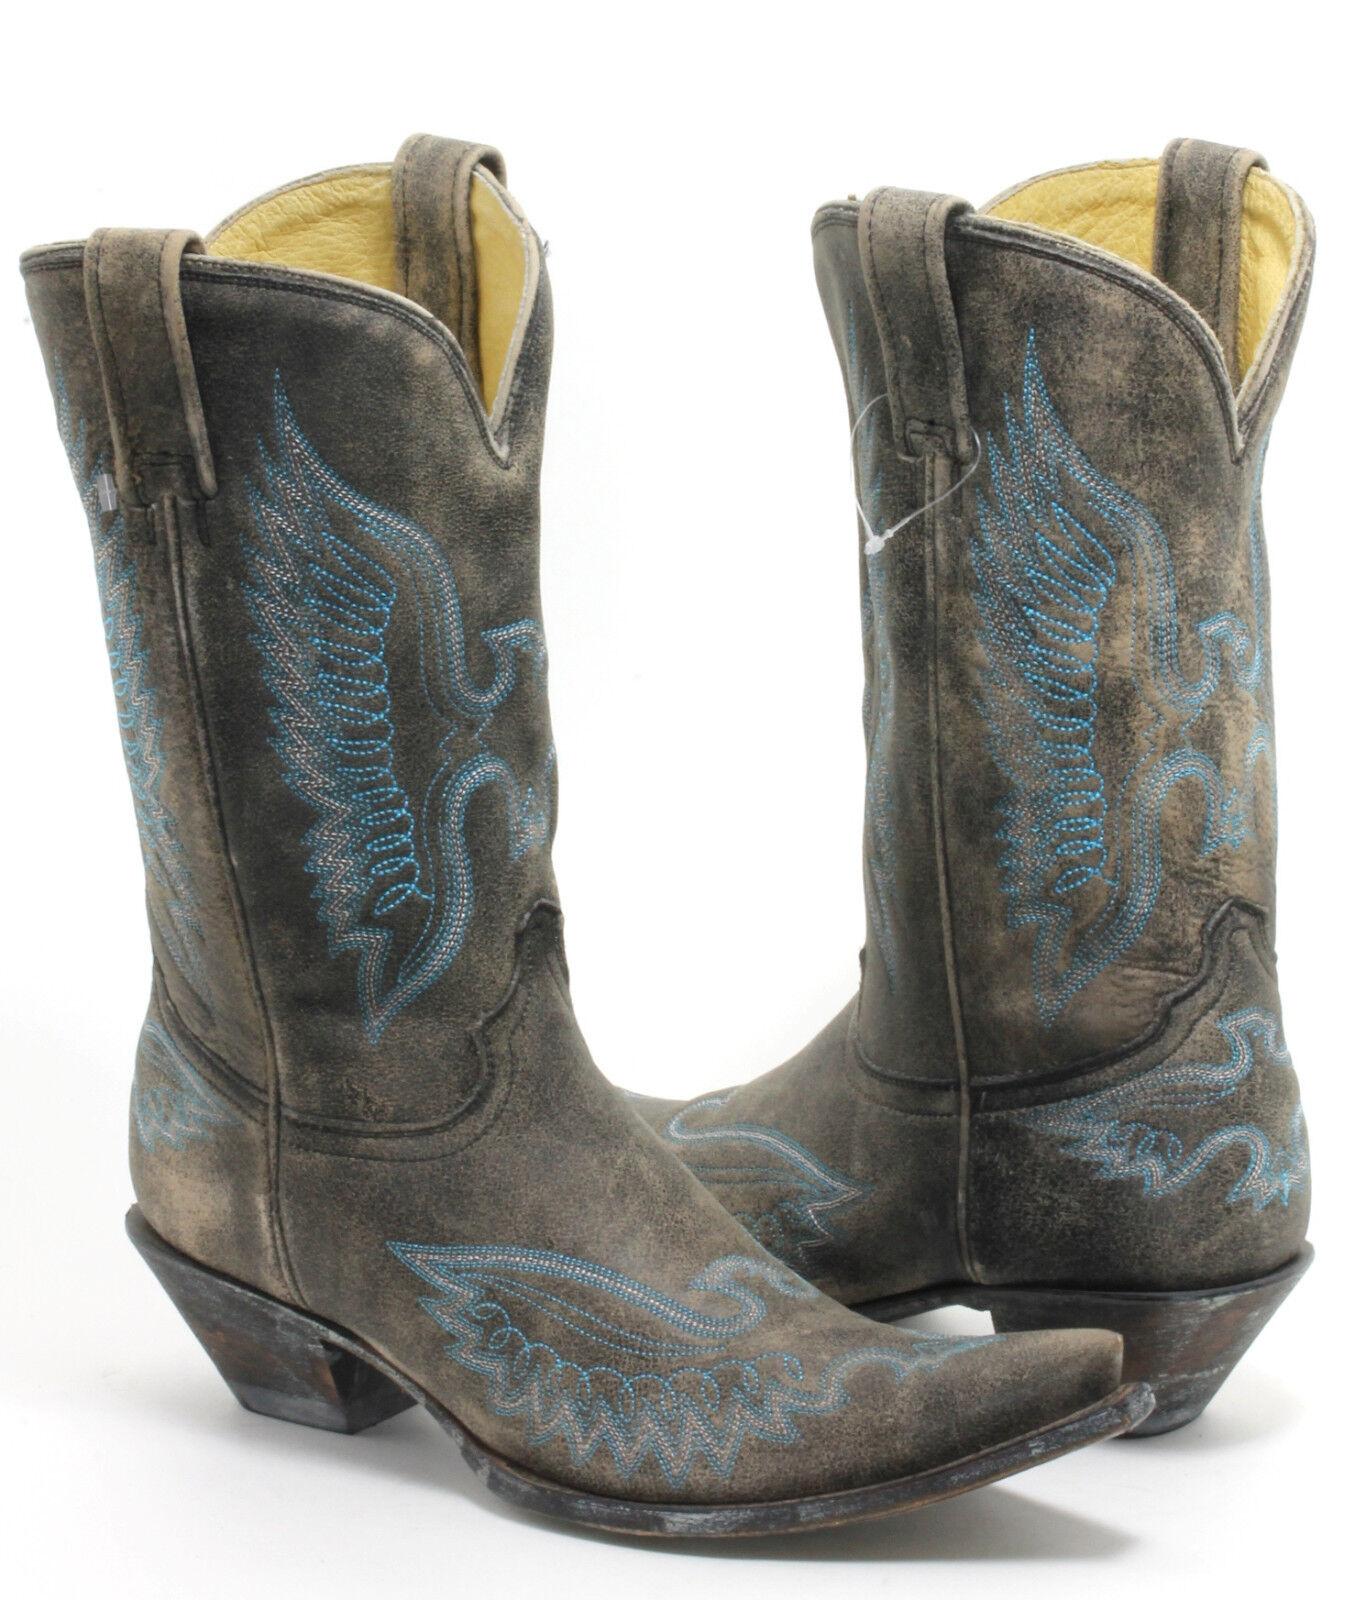 174 Cowboystiefel Westernstiefel Texas American Bull Catalan Stiefel Fashion Fashion Fashion 40 2f6761